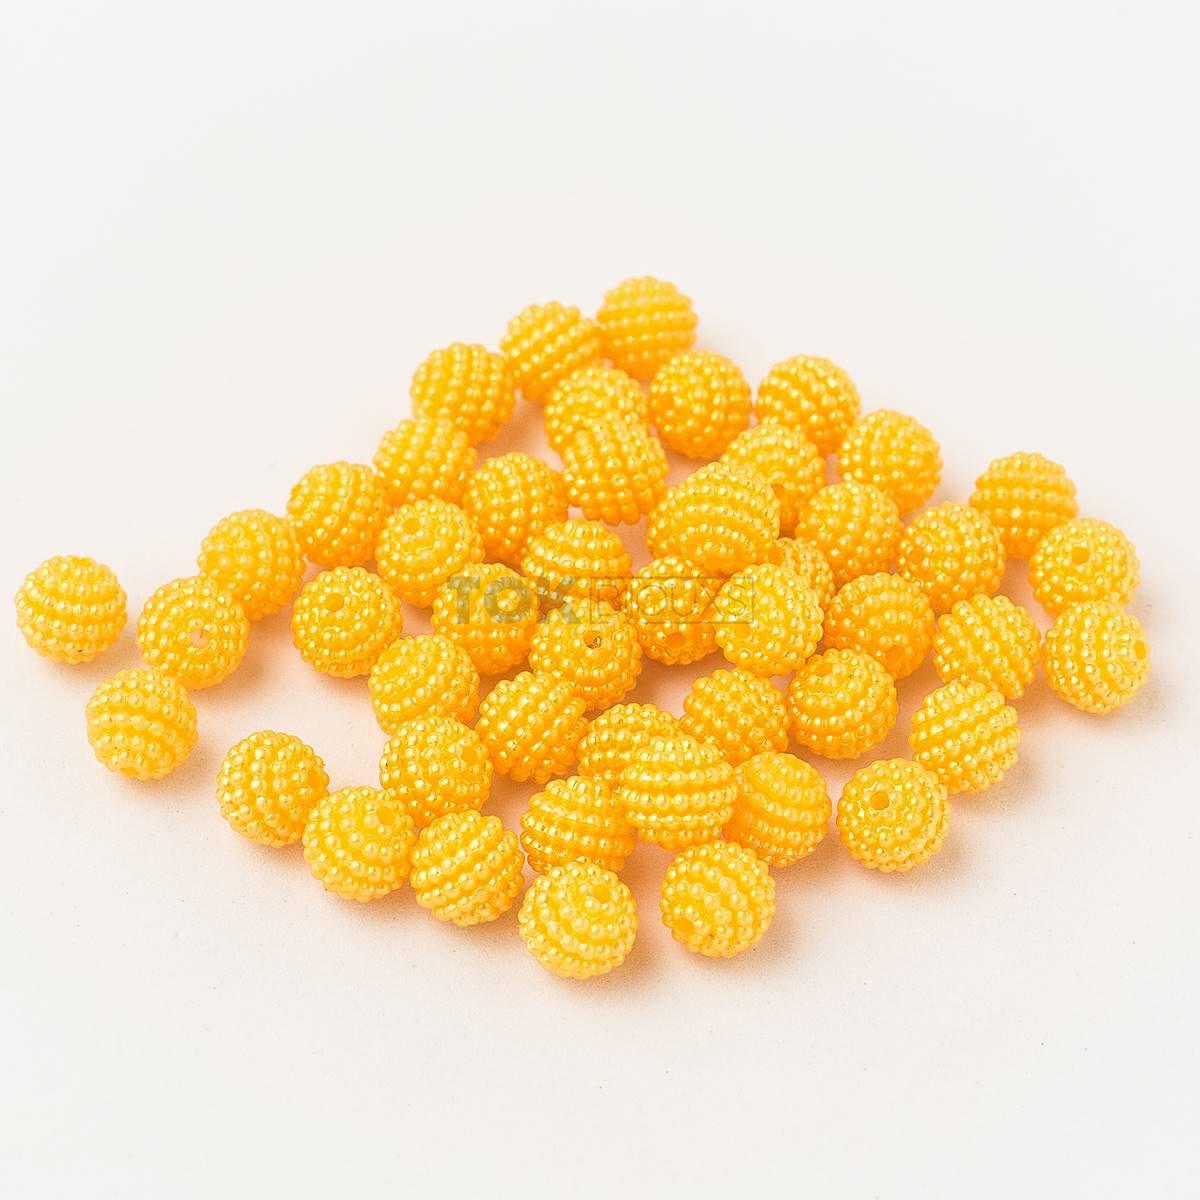 Pérola Amora / Craquelada Abs 10mm - Amarelo - 25g